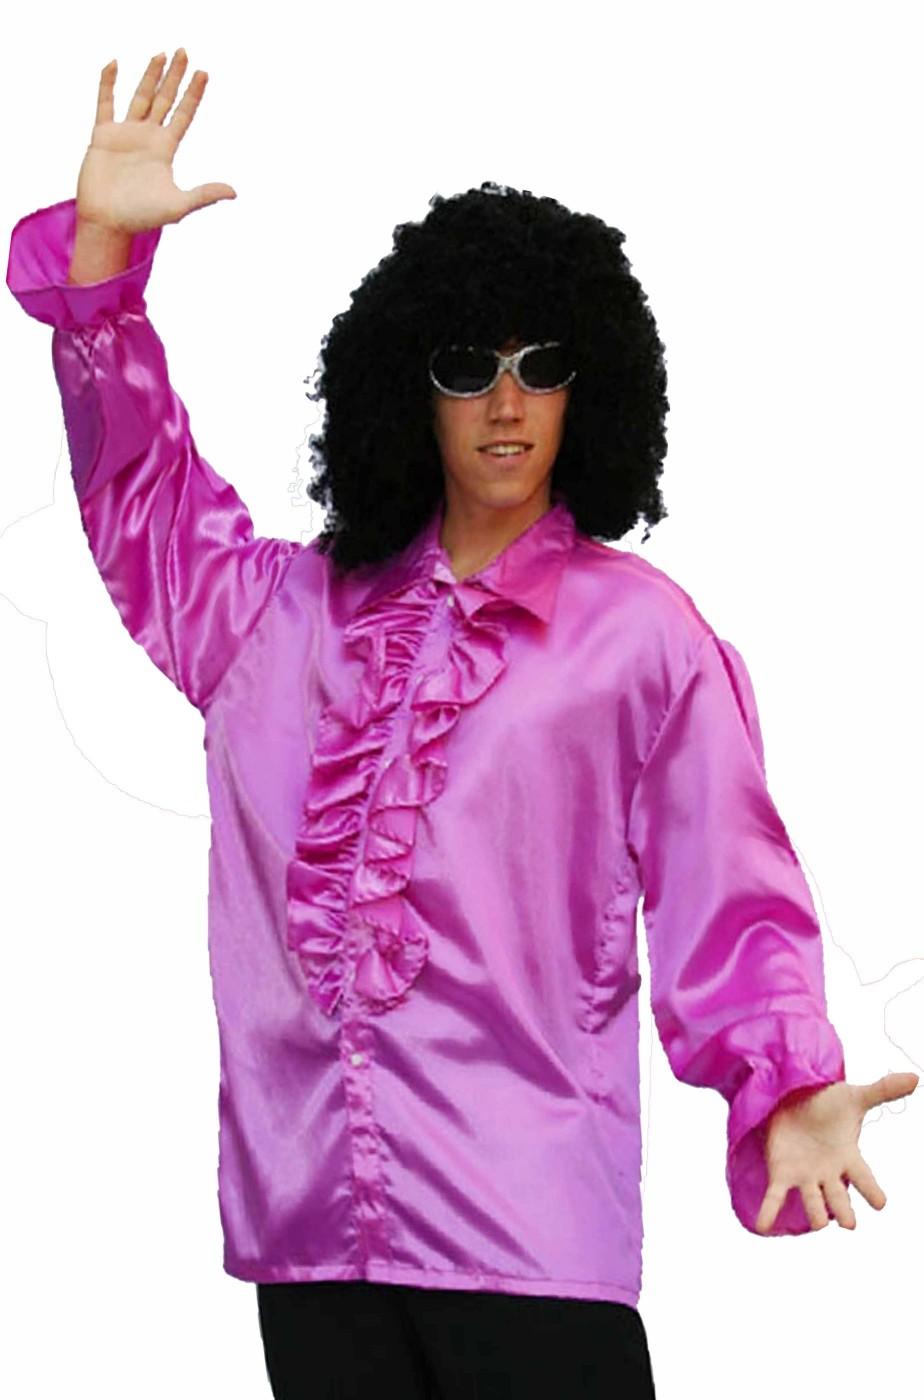 Camicia viola anni 70 da uomo con colletto a punte e jabot